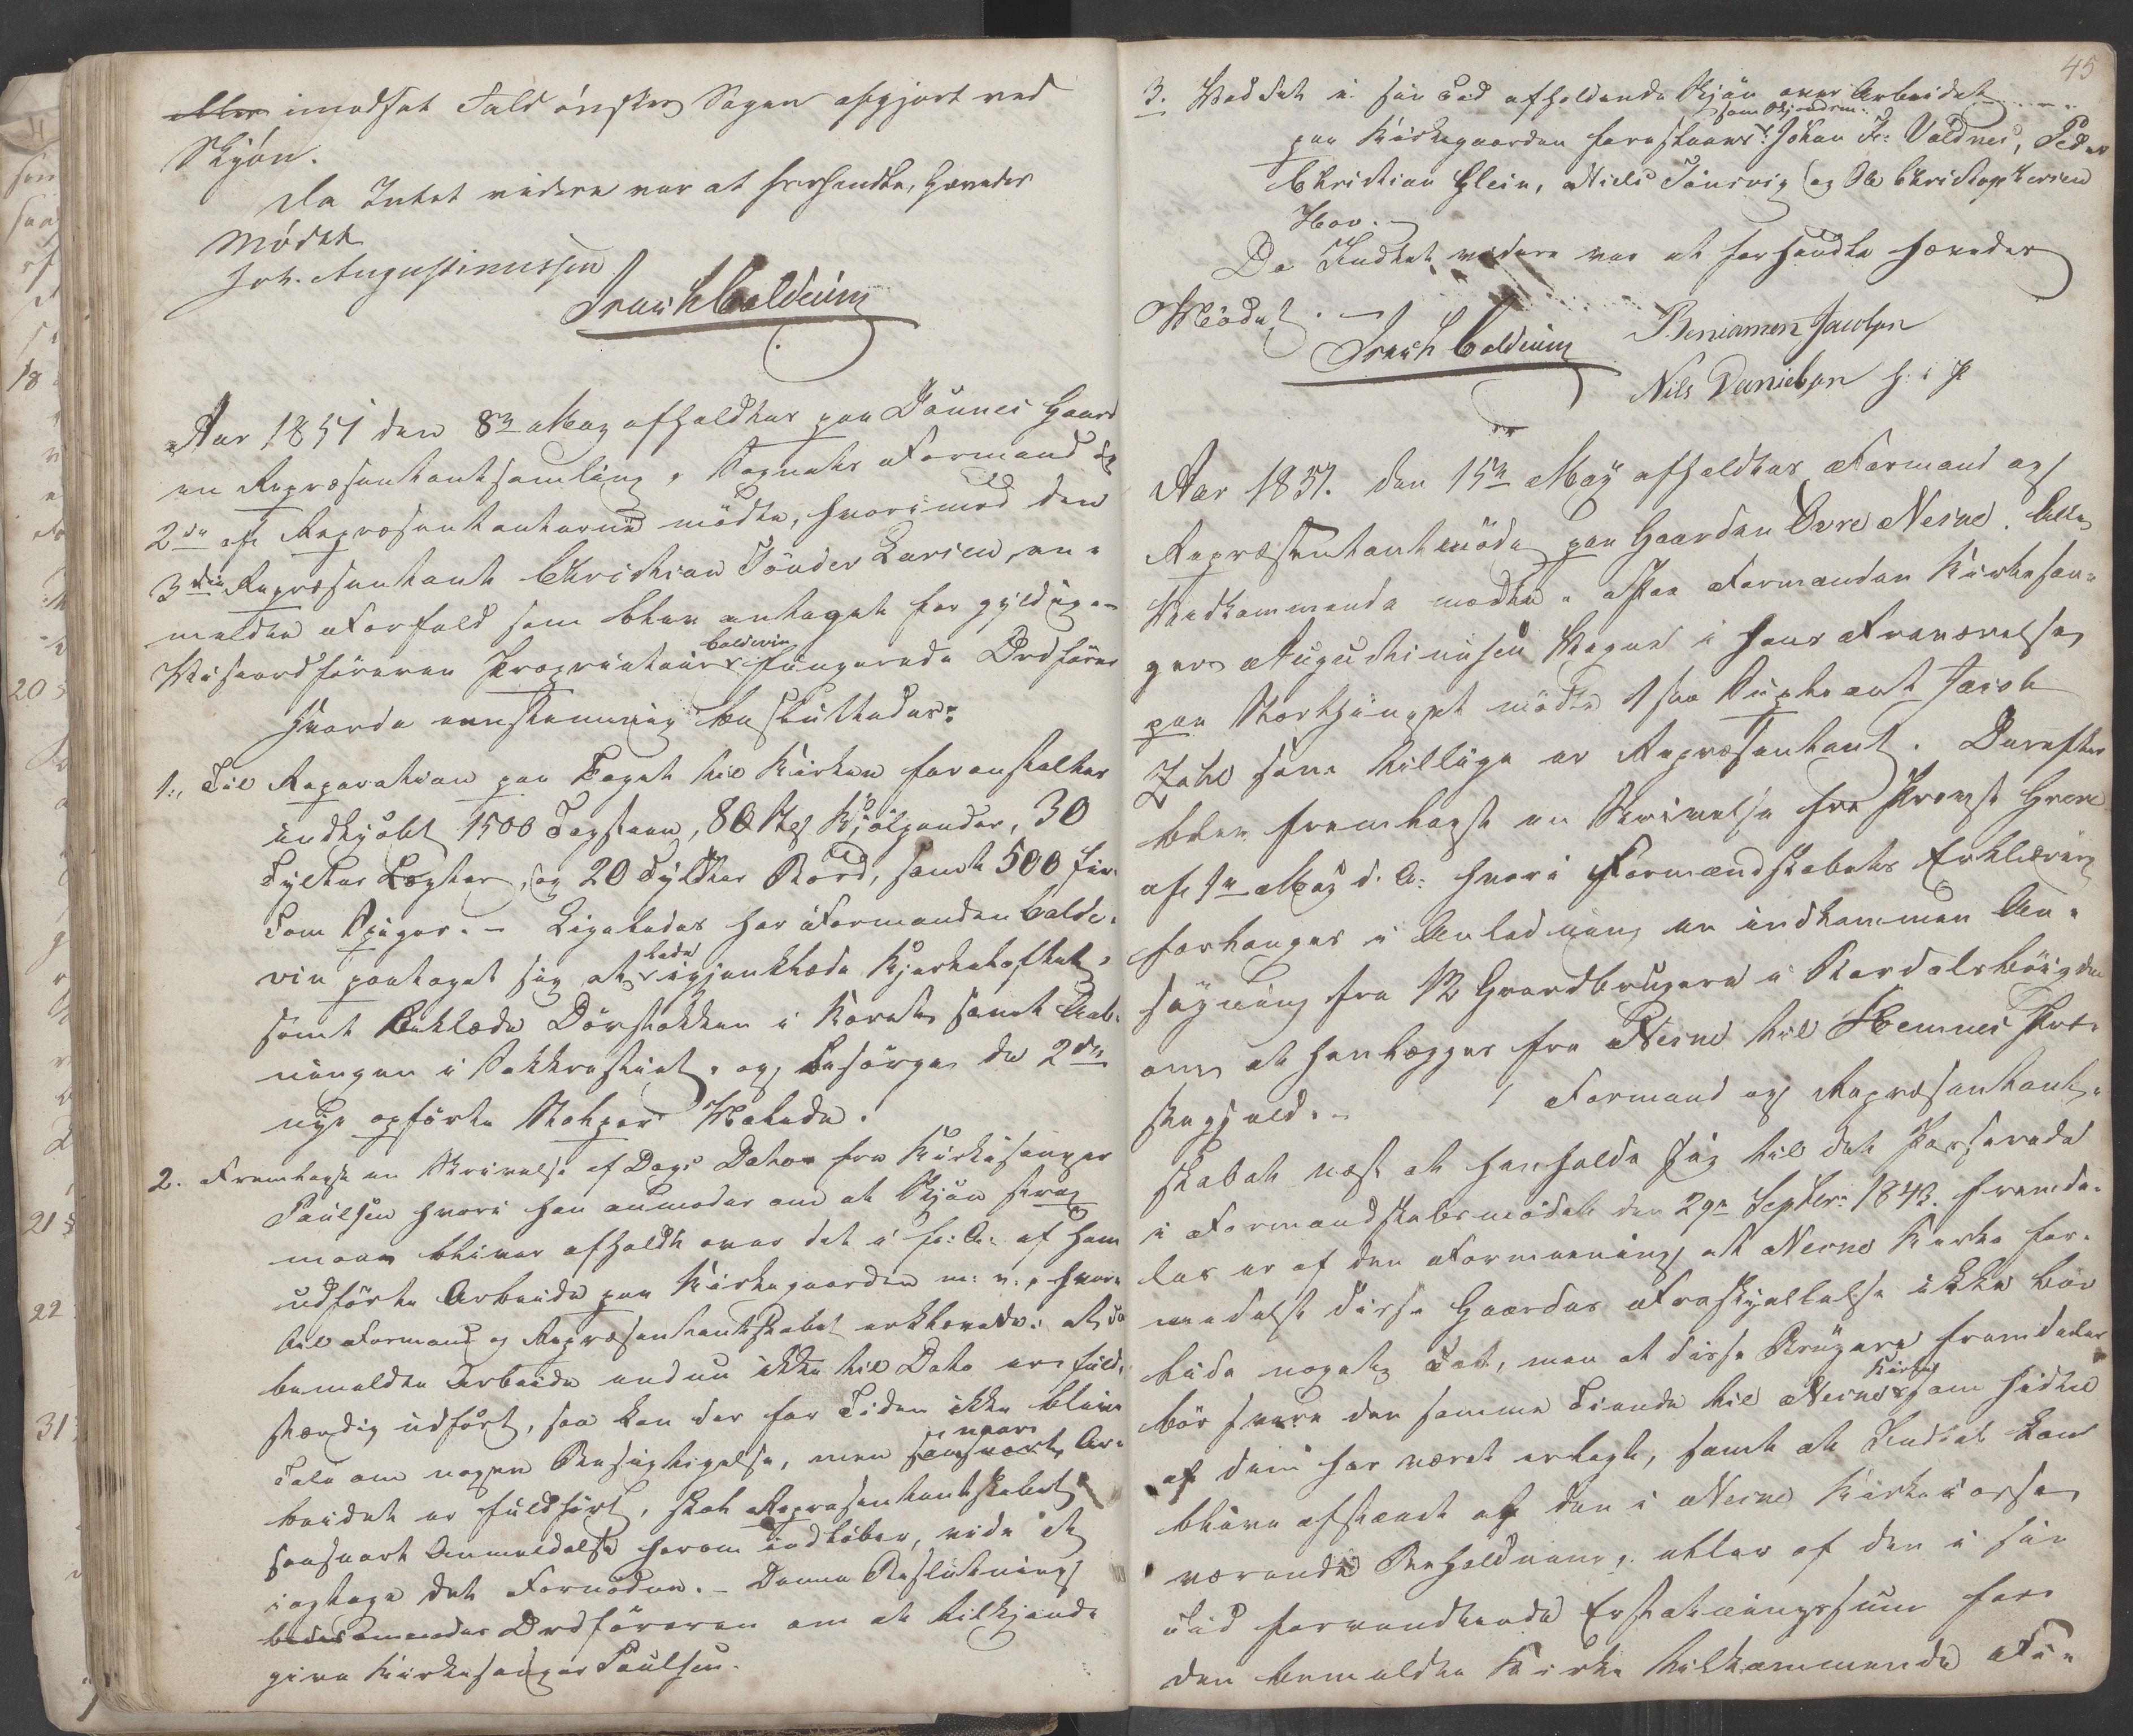 AIN, Nesna kommune. Formannskapet, 100/L0001: Møtebok, 1838-1873, s. 45